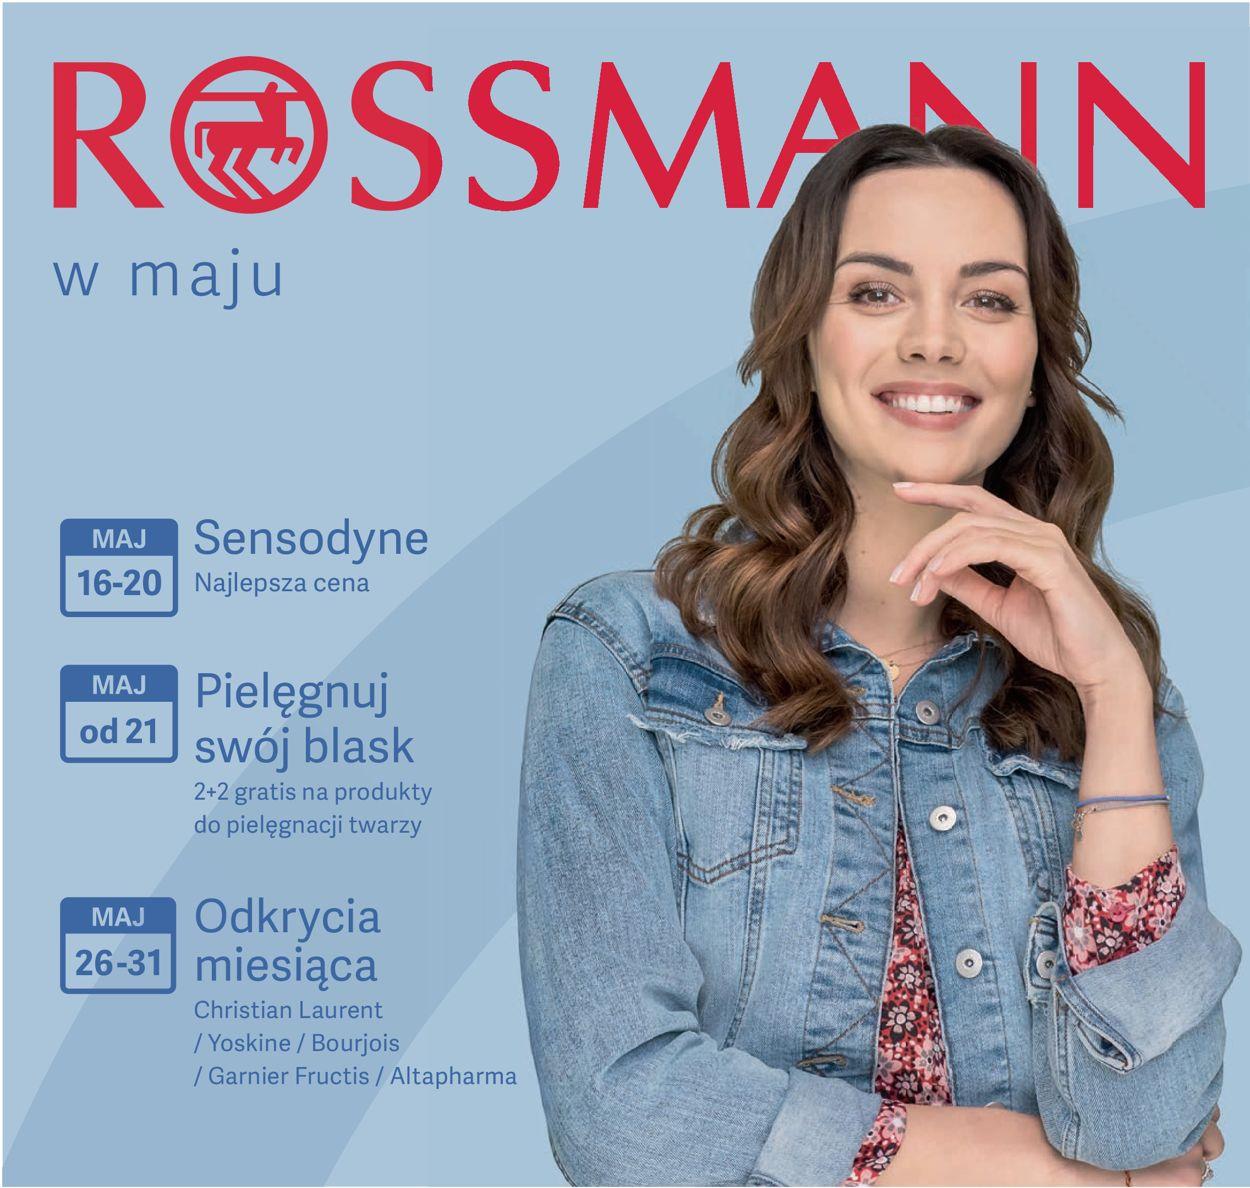 Gazetka promocyjna Rossmann - 16.05-31.05.2019